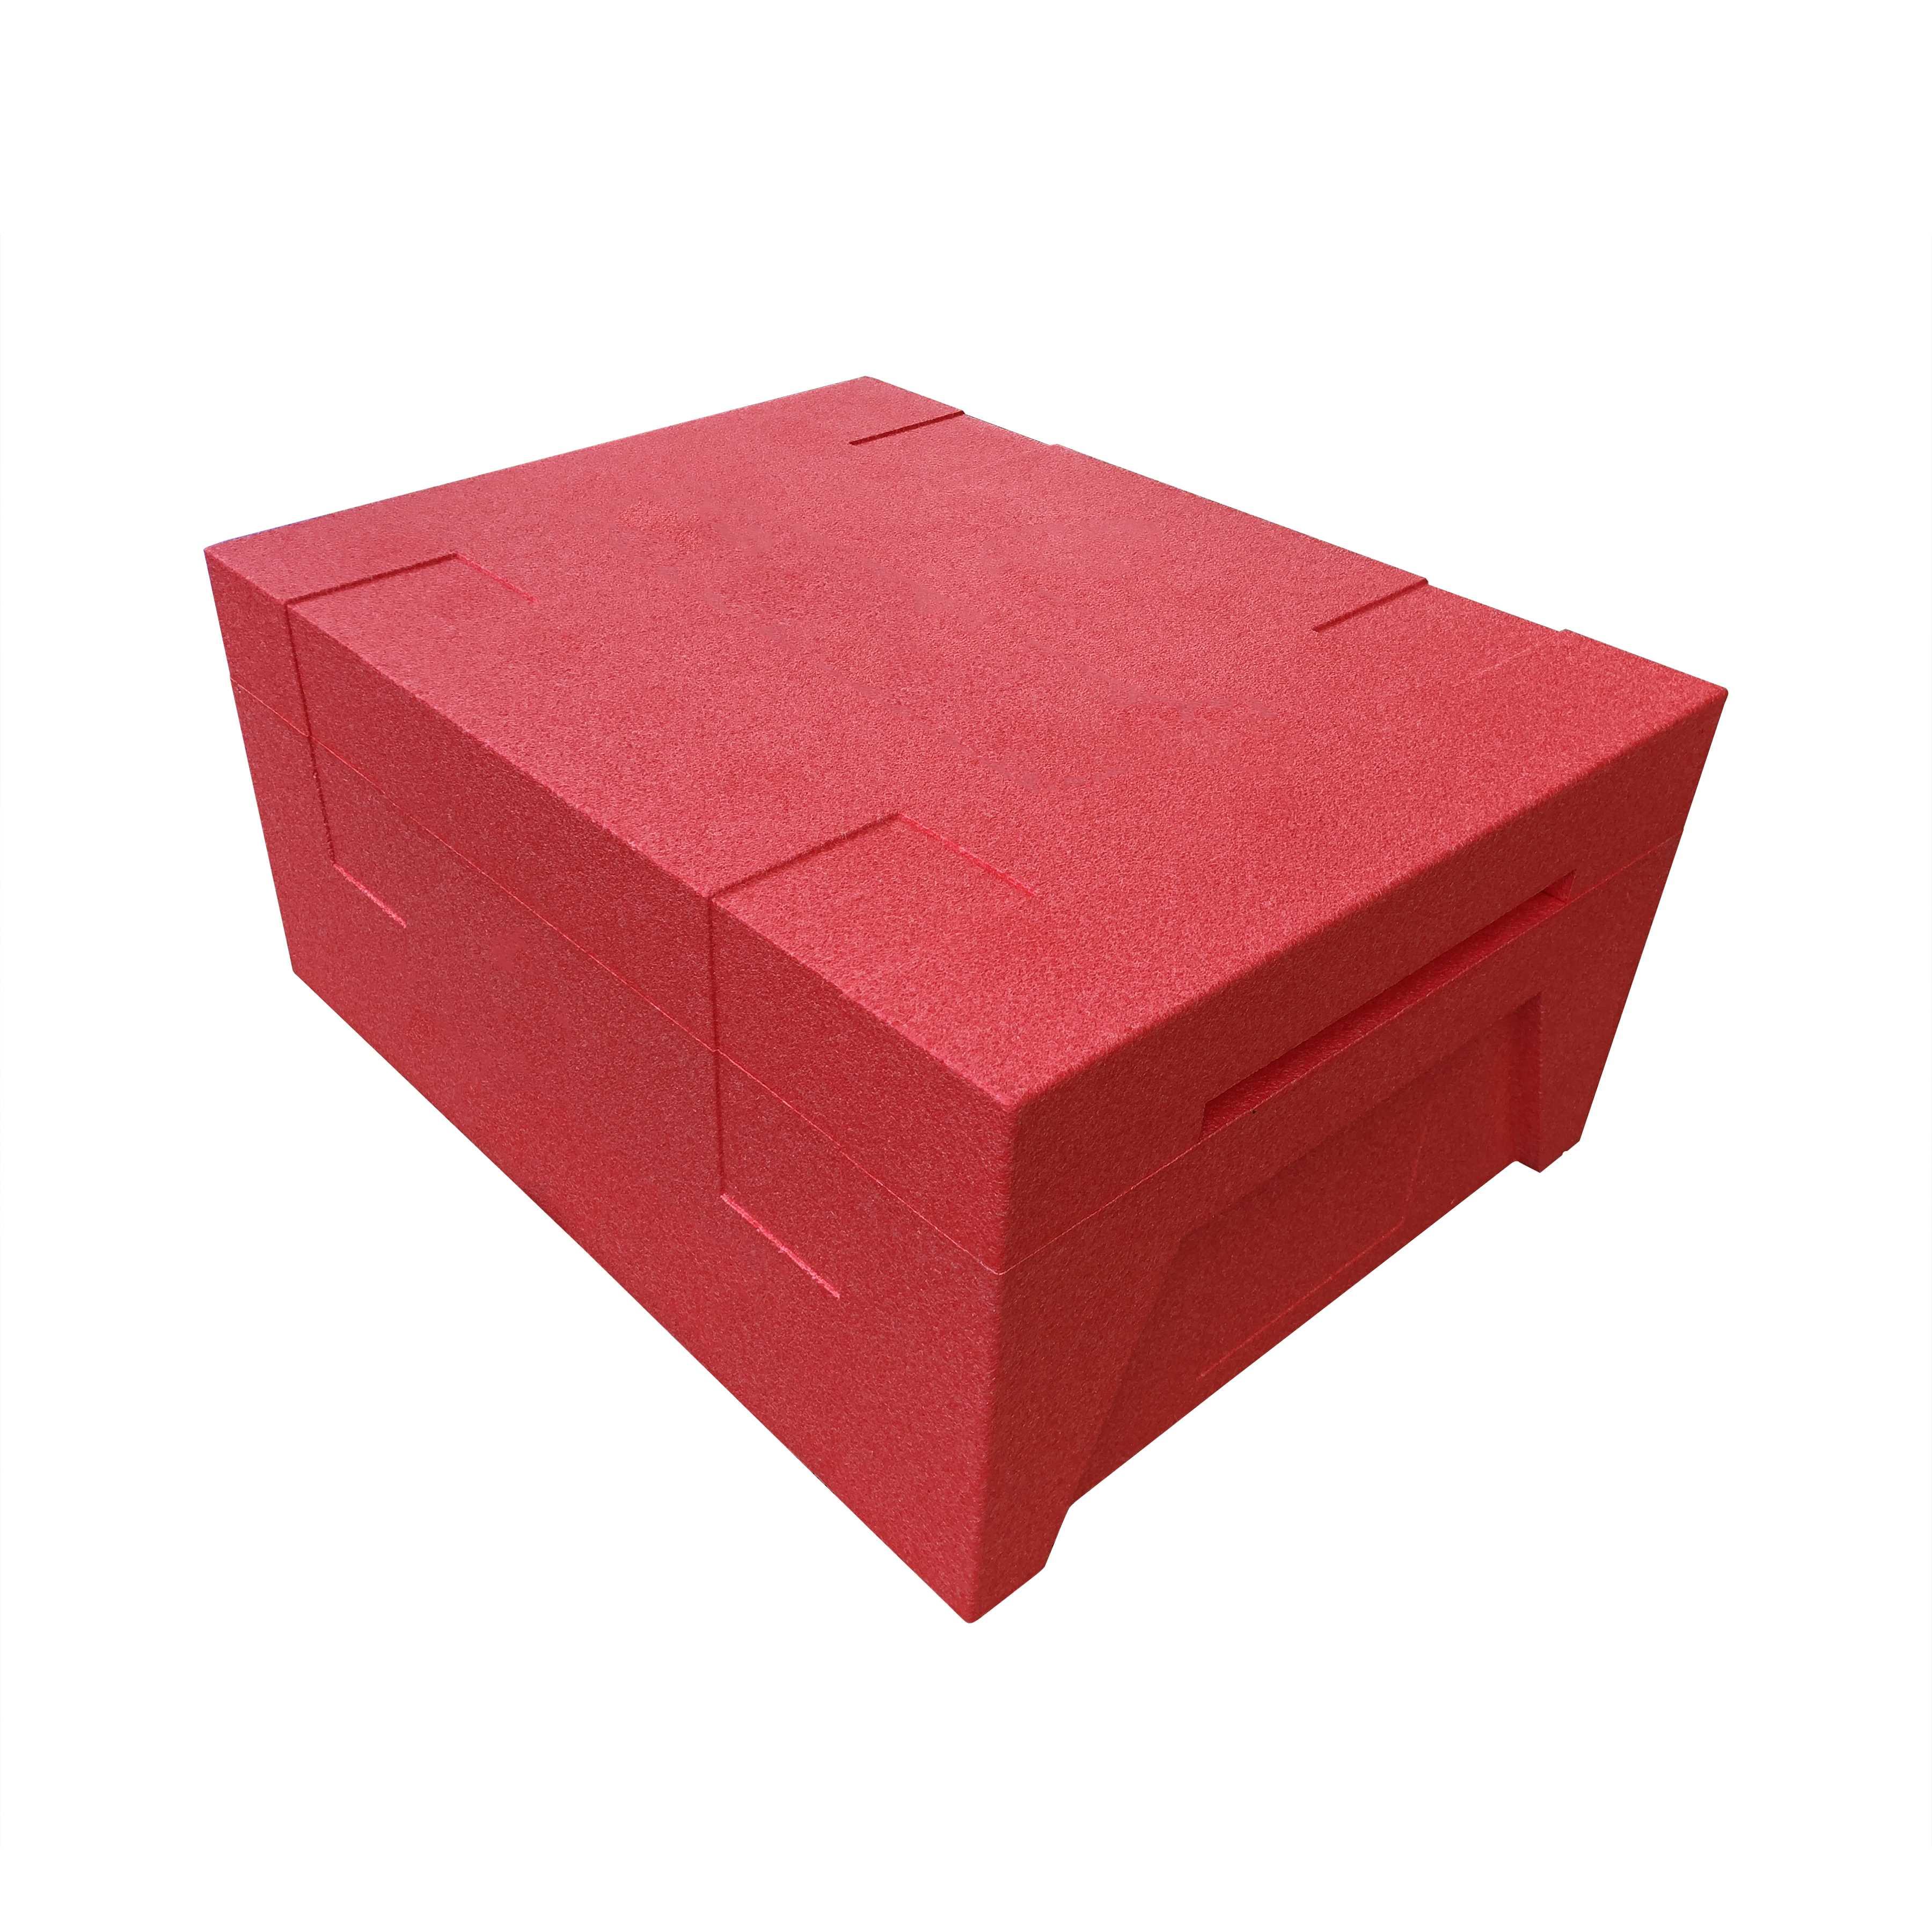 冷鏈-紅色周轉箱